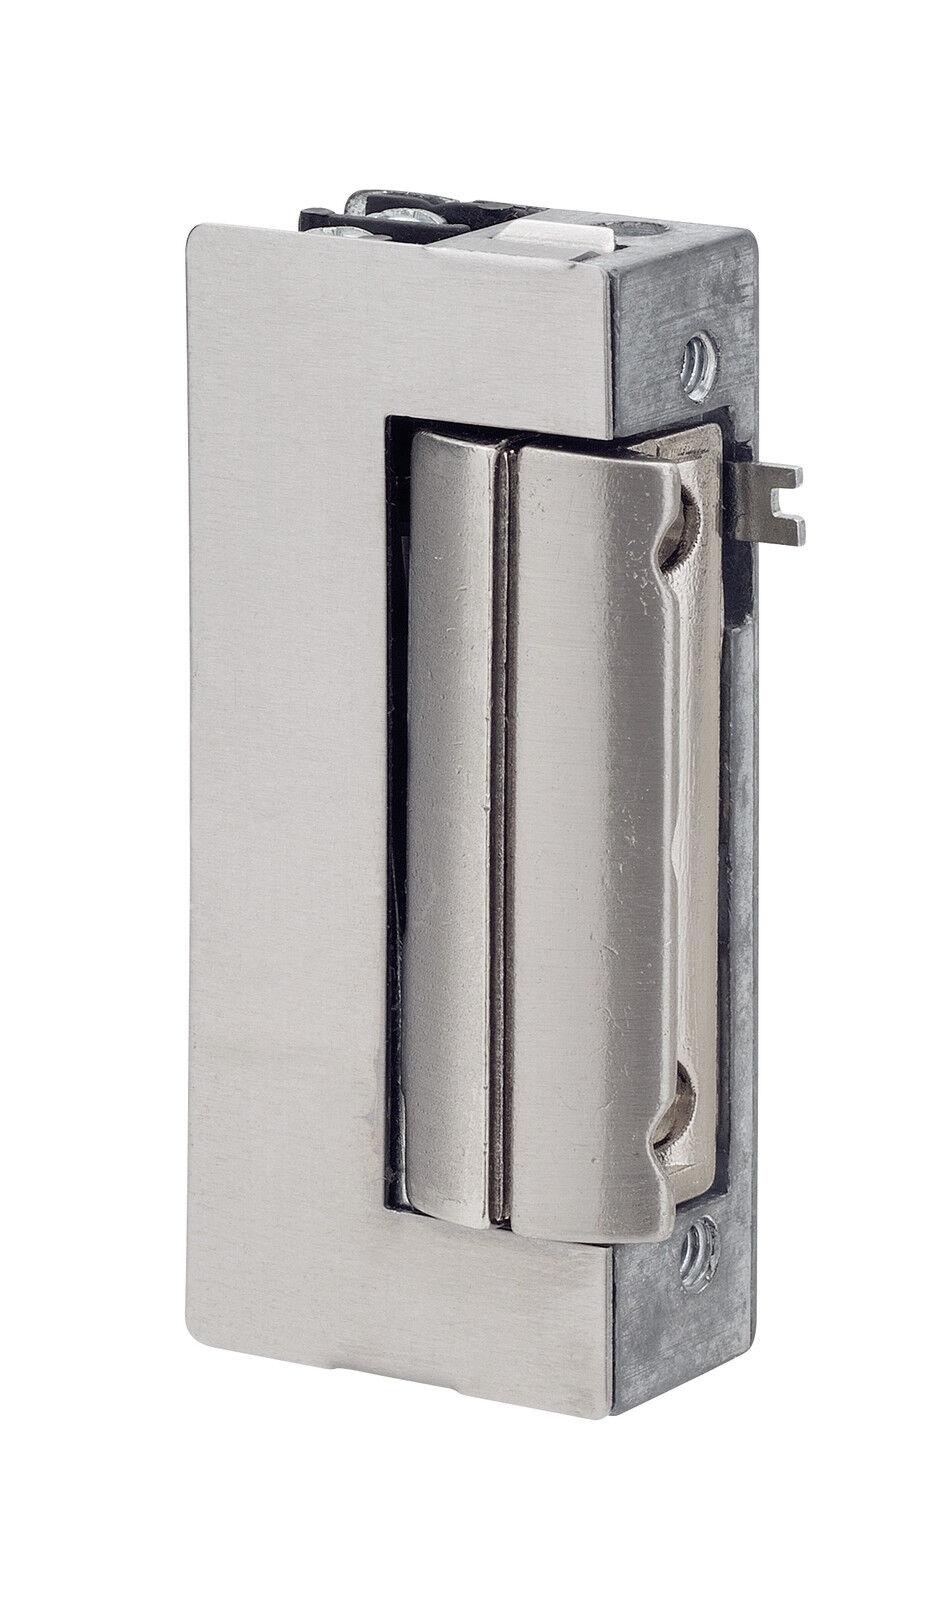 2 Stk Sechskantschraube mit Schaft DIN 931 10.9 M27 x 200